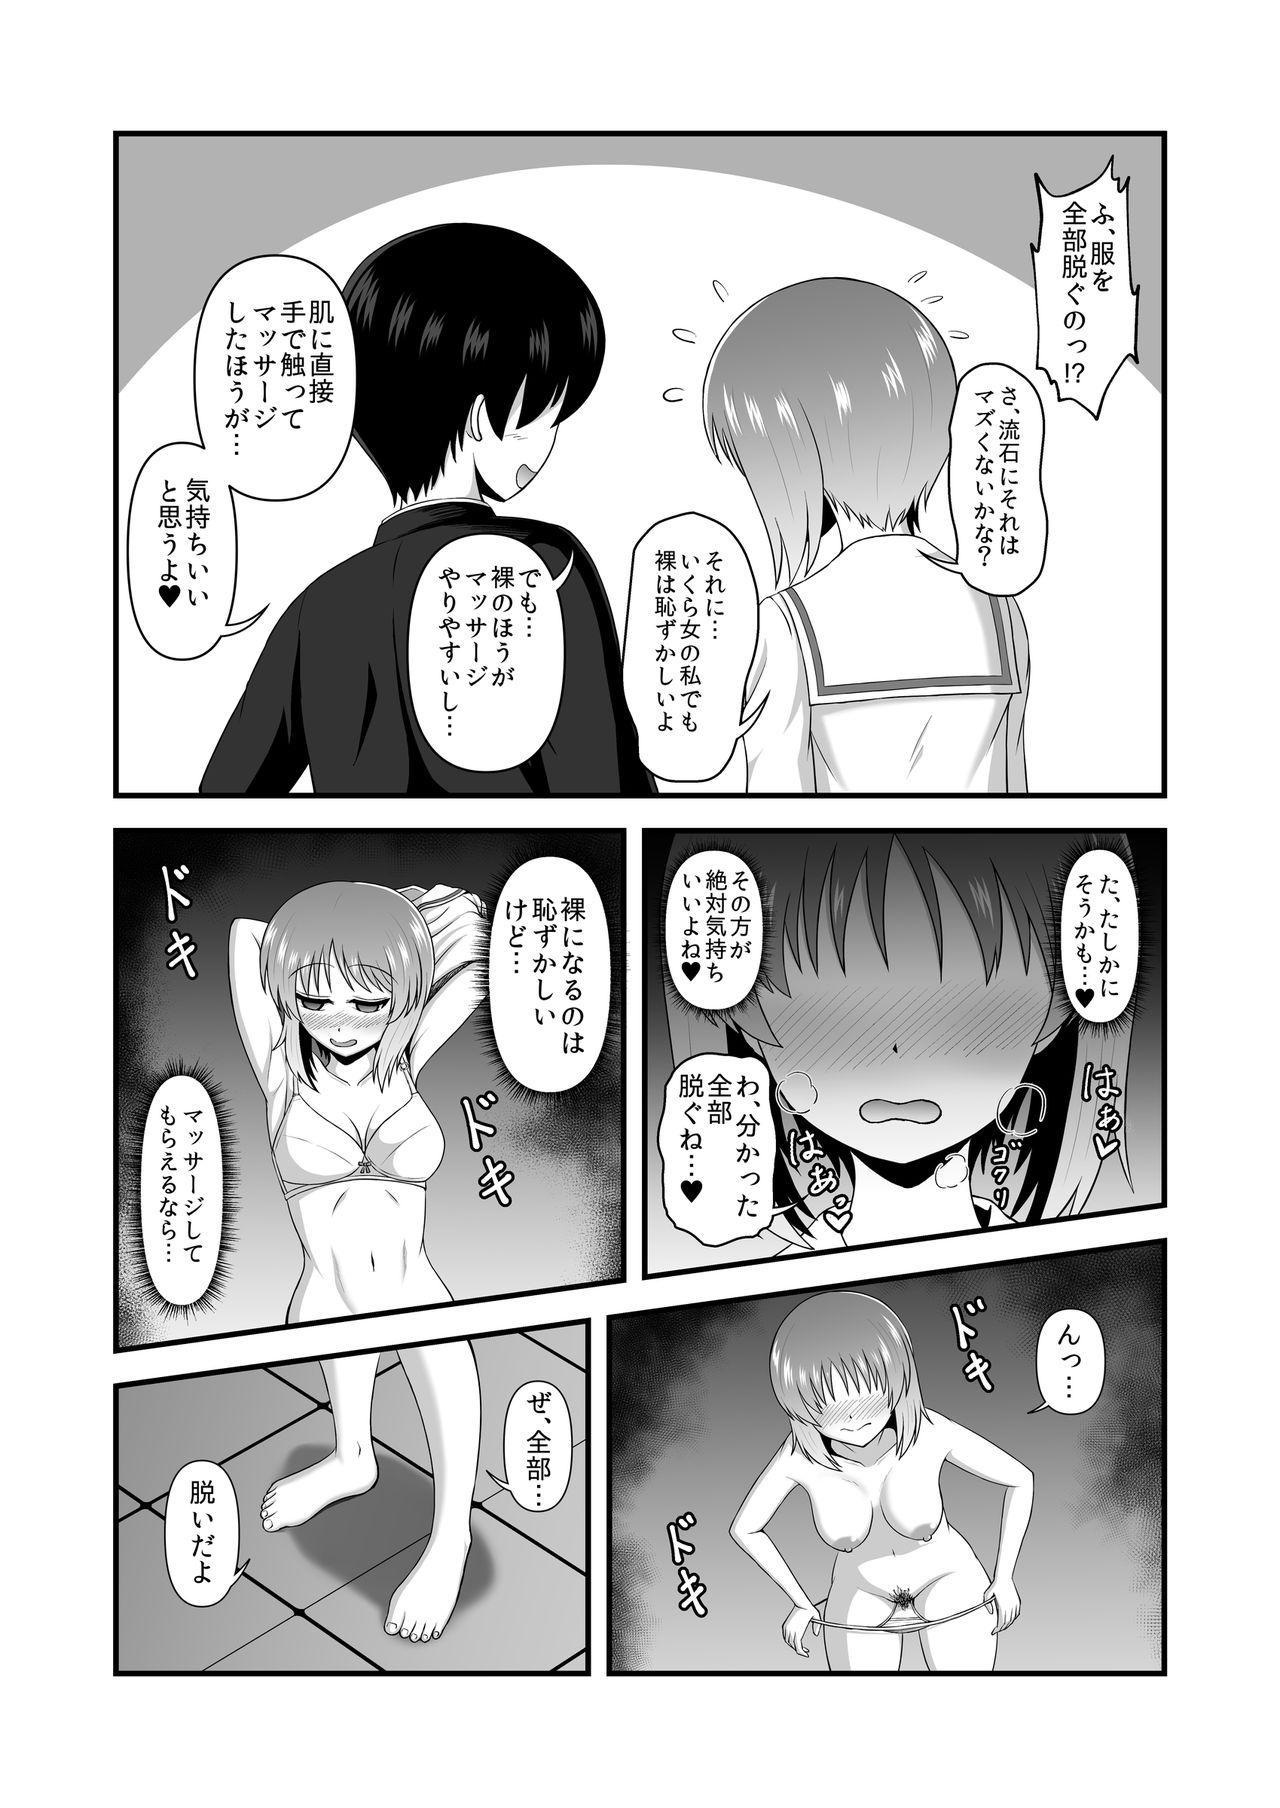 Teisou Gyakuten Abekobe Banashi 3 7